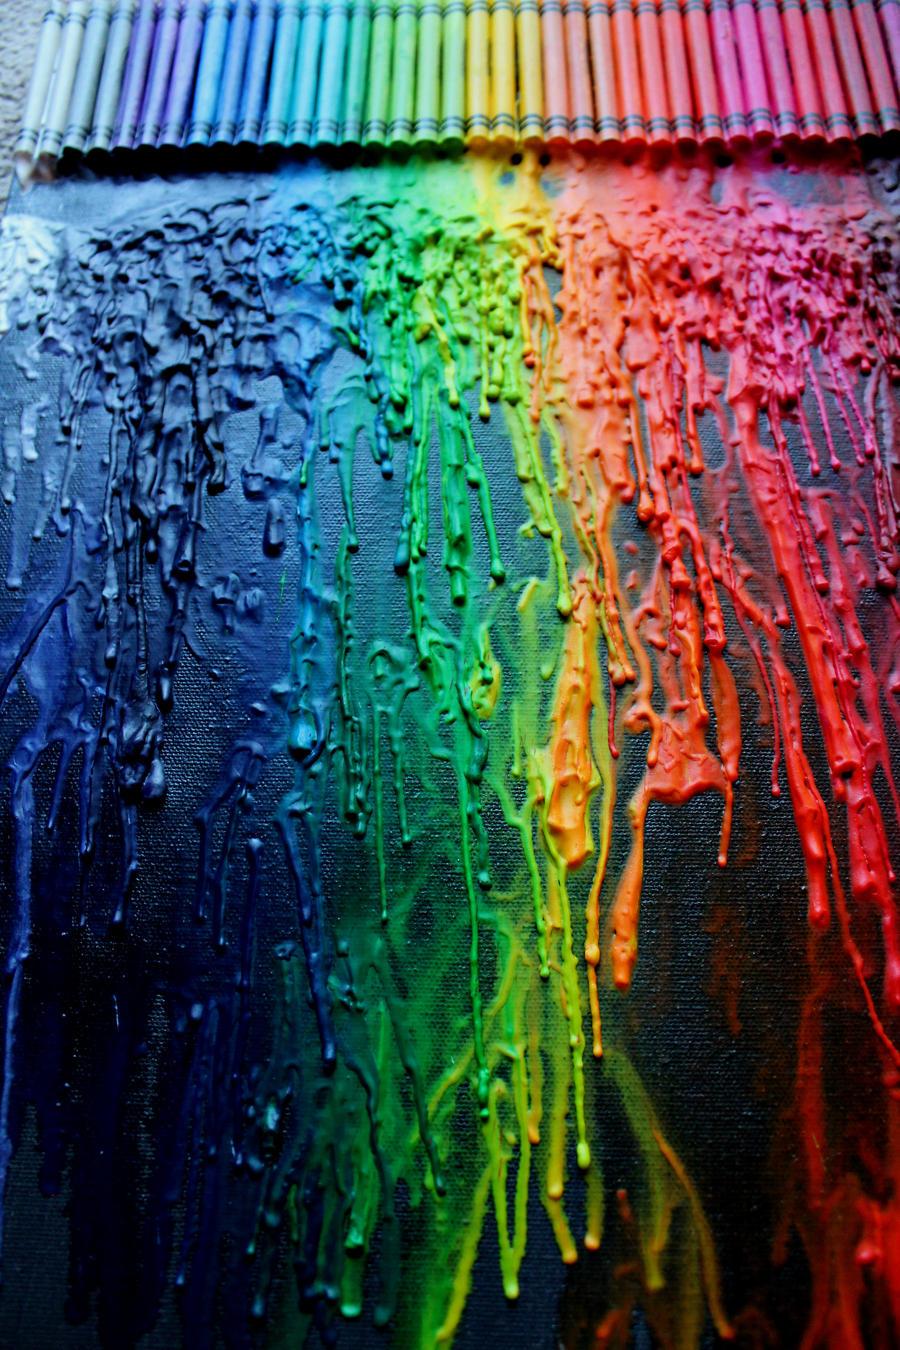 Crayon Art by PushyGirlTorella - 307.3KB